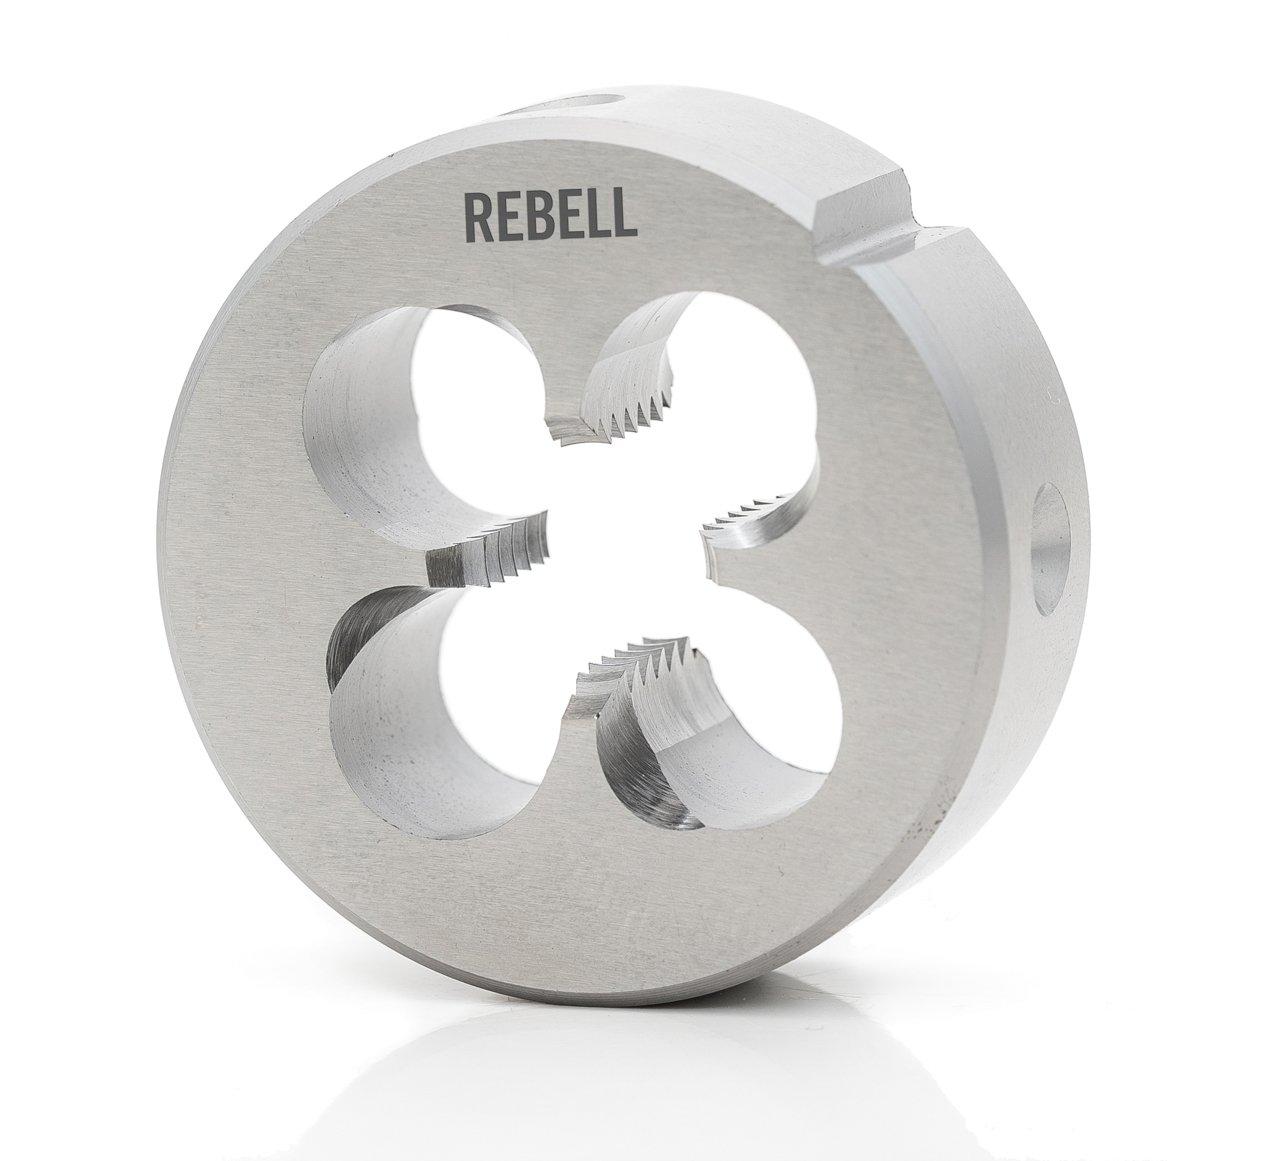 REBELL Schneideisen RD RH 7h HSS mit Schälanschnitt - EN 22568 - Typ N